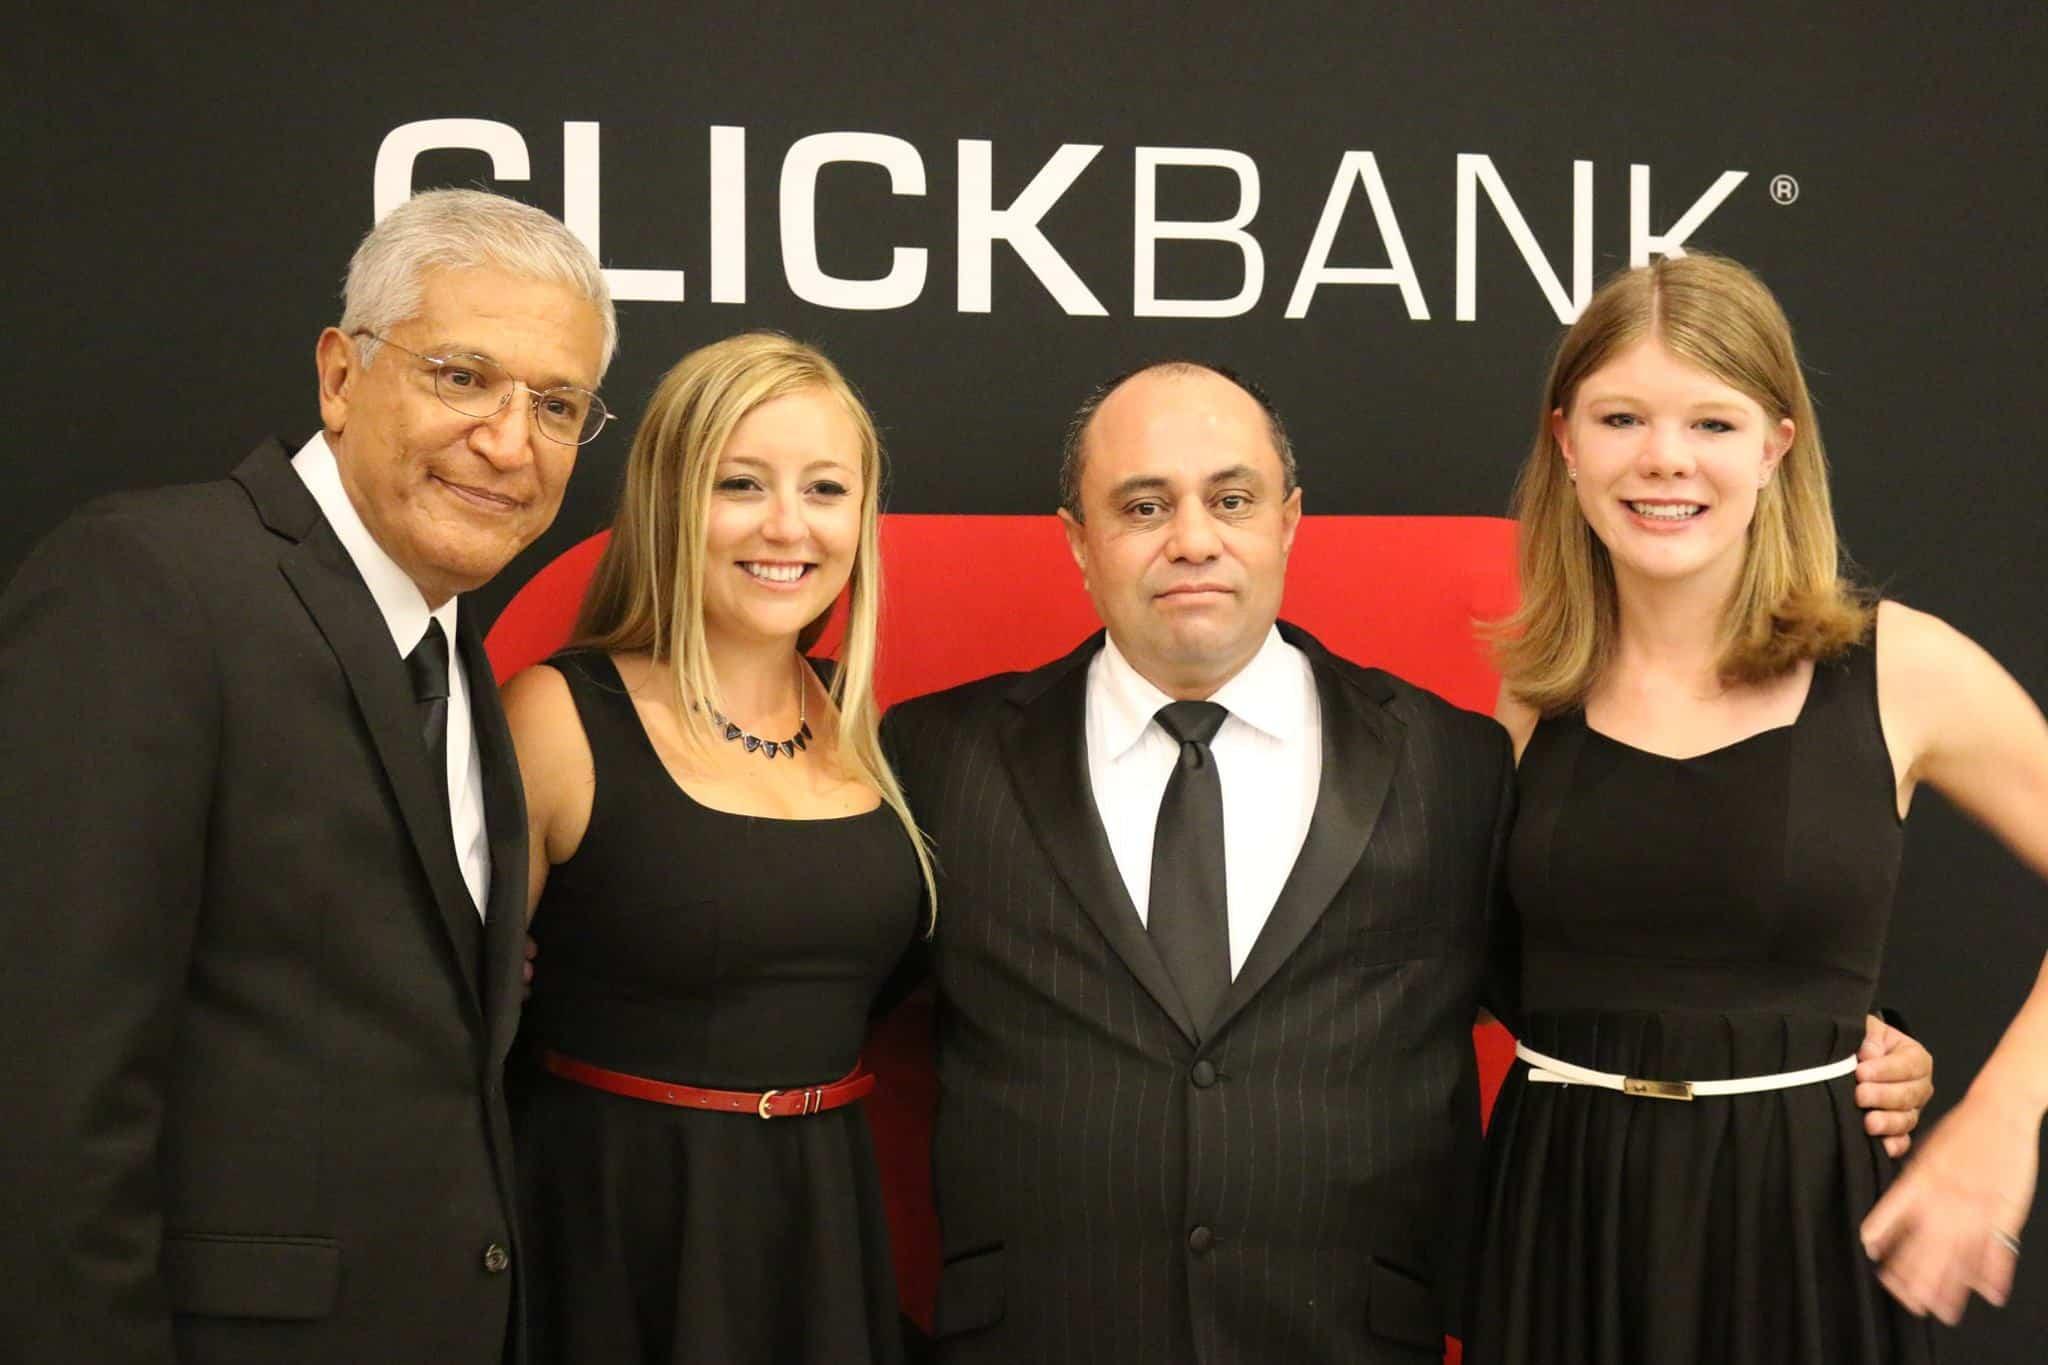 clickbank presente en los maestros de internet 2014